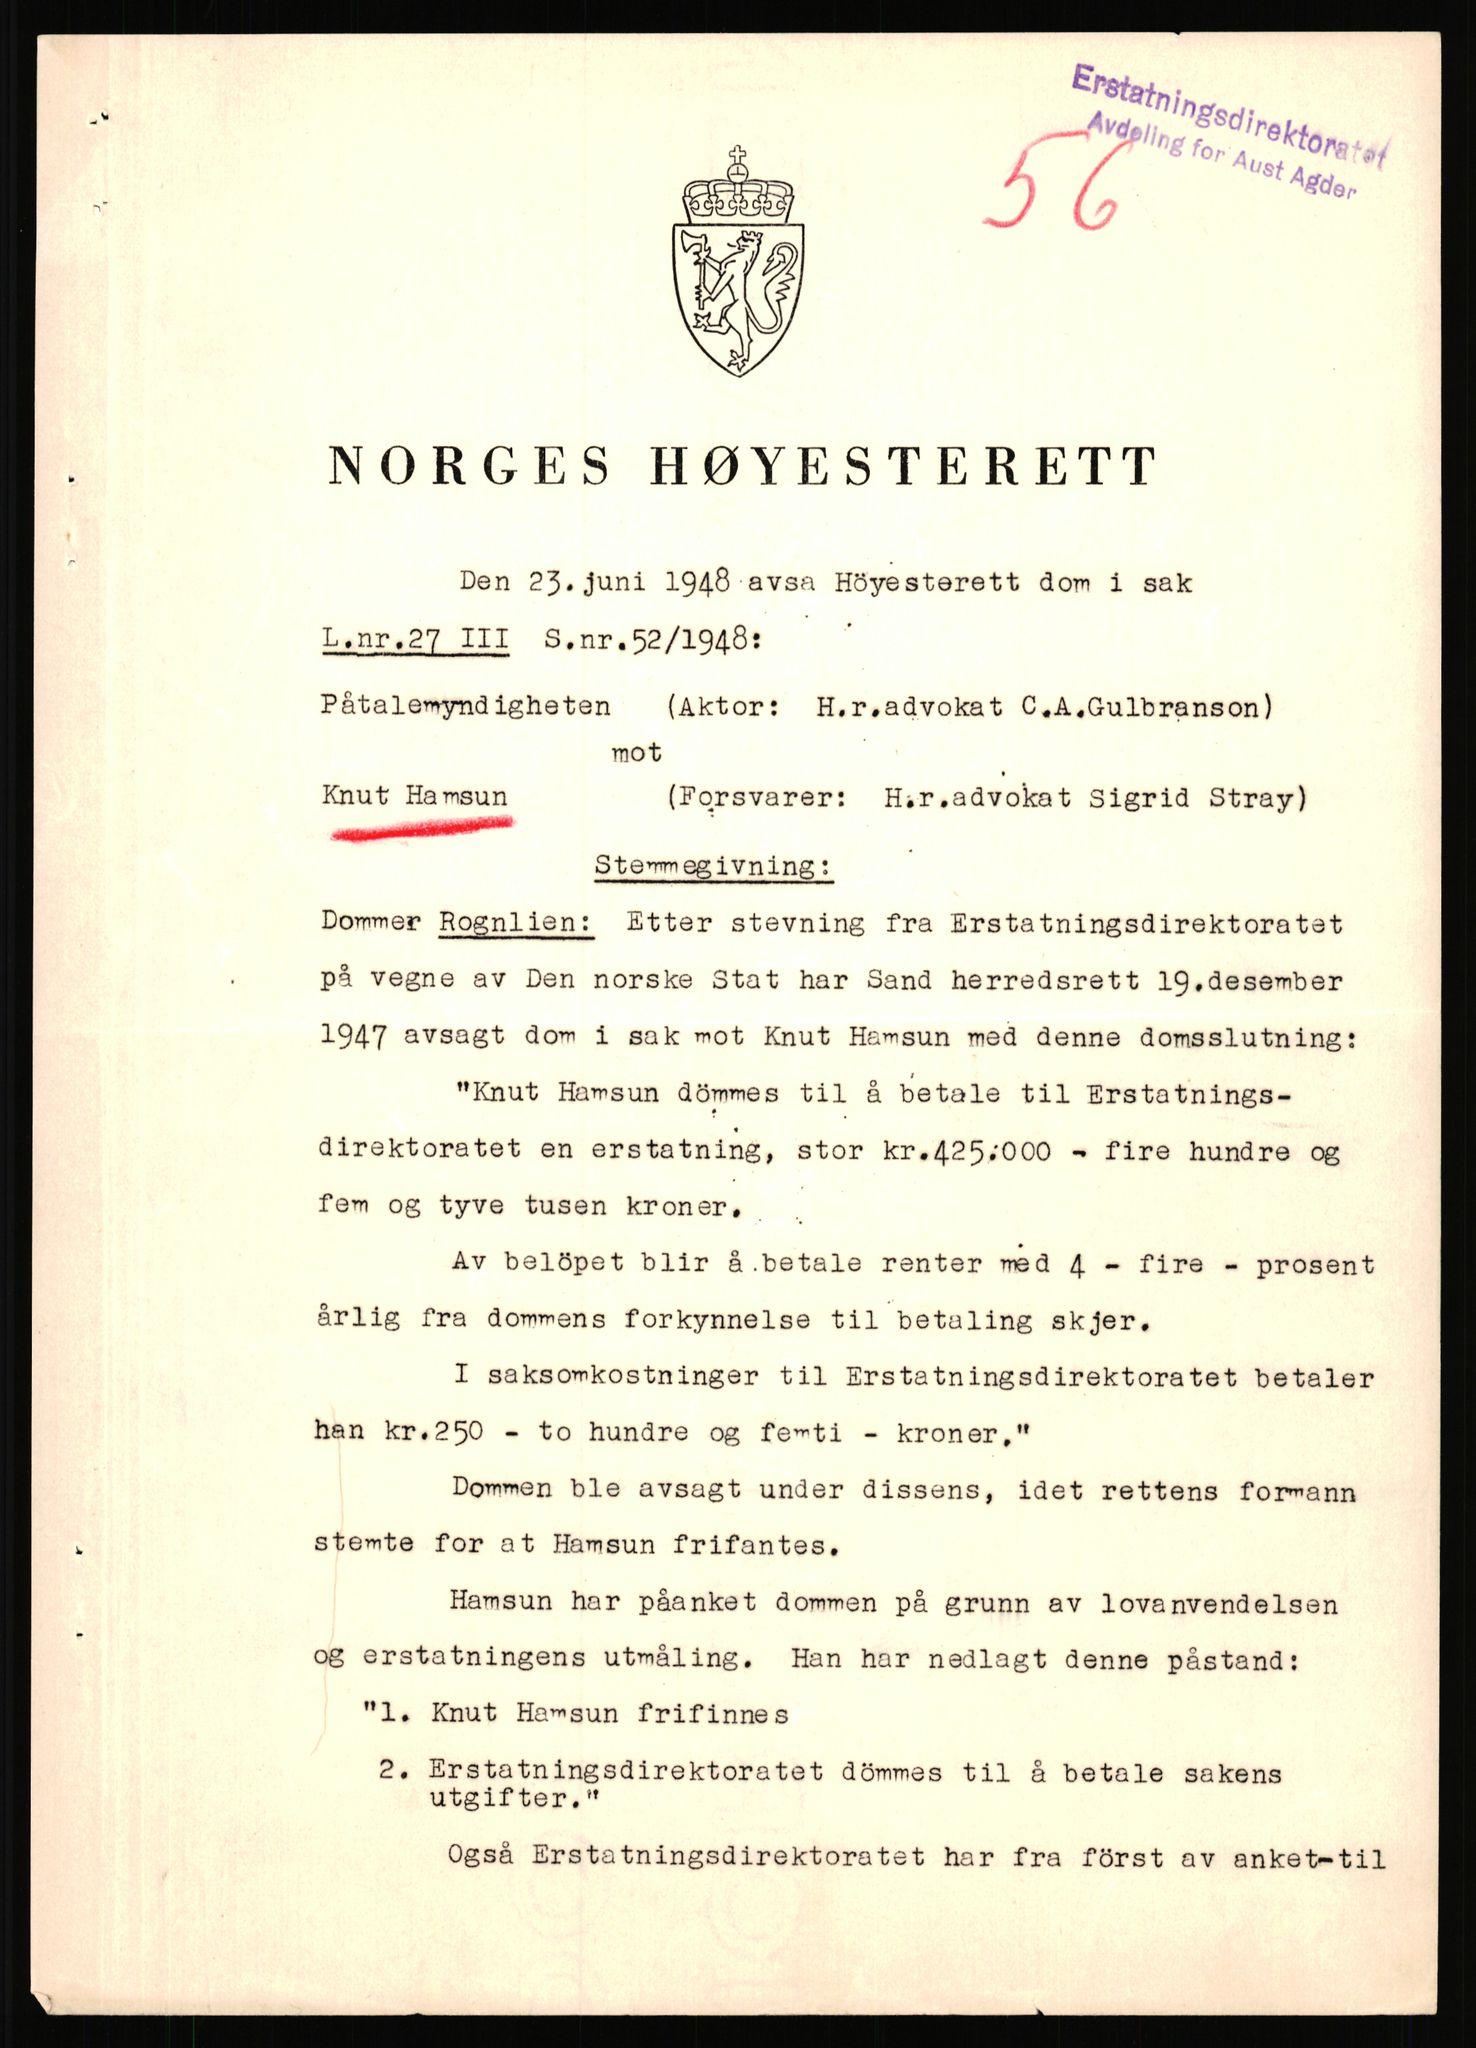 RA, Landssvikarkivet, Arendal politikammer, D/Dc/L0029: Anr. 192/45, 1945-1951, s. 597